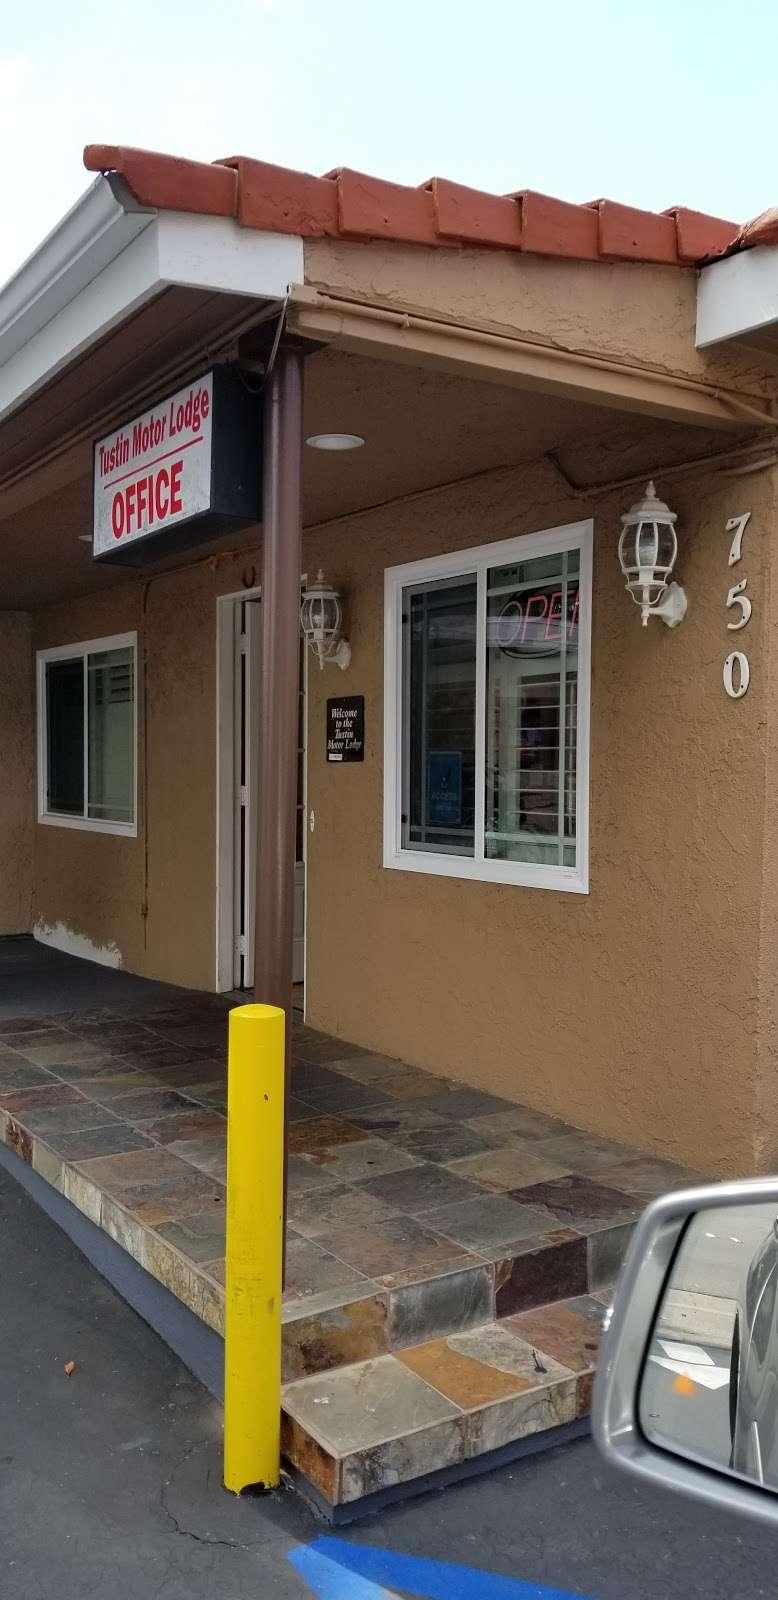 Tustin Motor Lodge - lodging  | Photo 8 of 10 | Address: 750 El Camino Real, Tustin, CA 92780, USA | Phone: (714) 544-5850